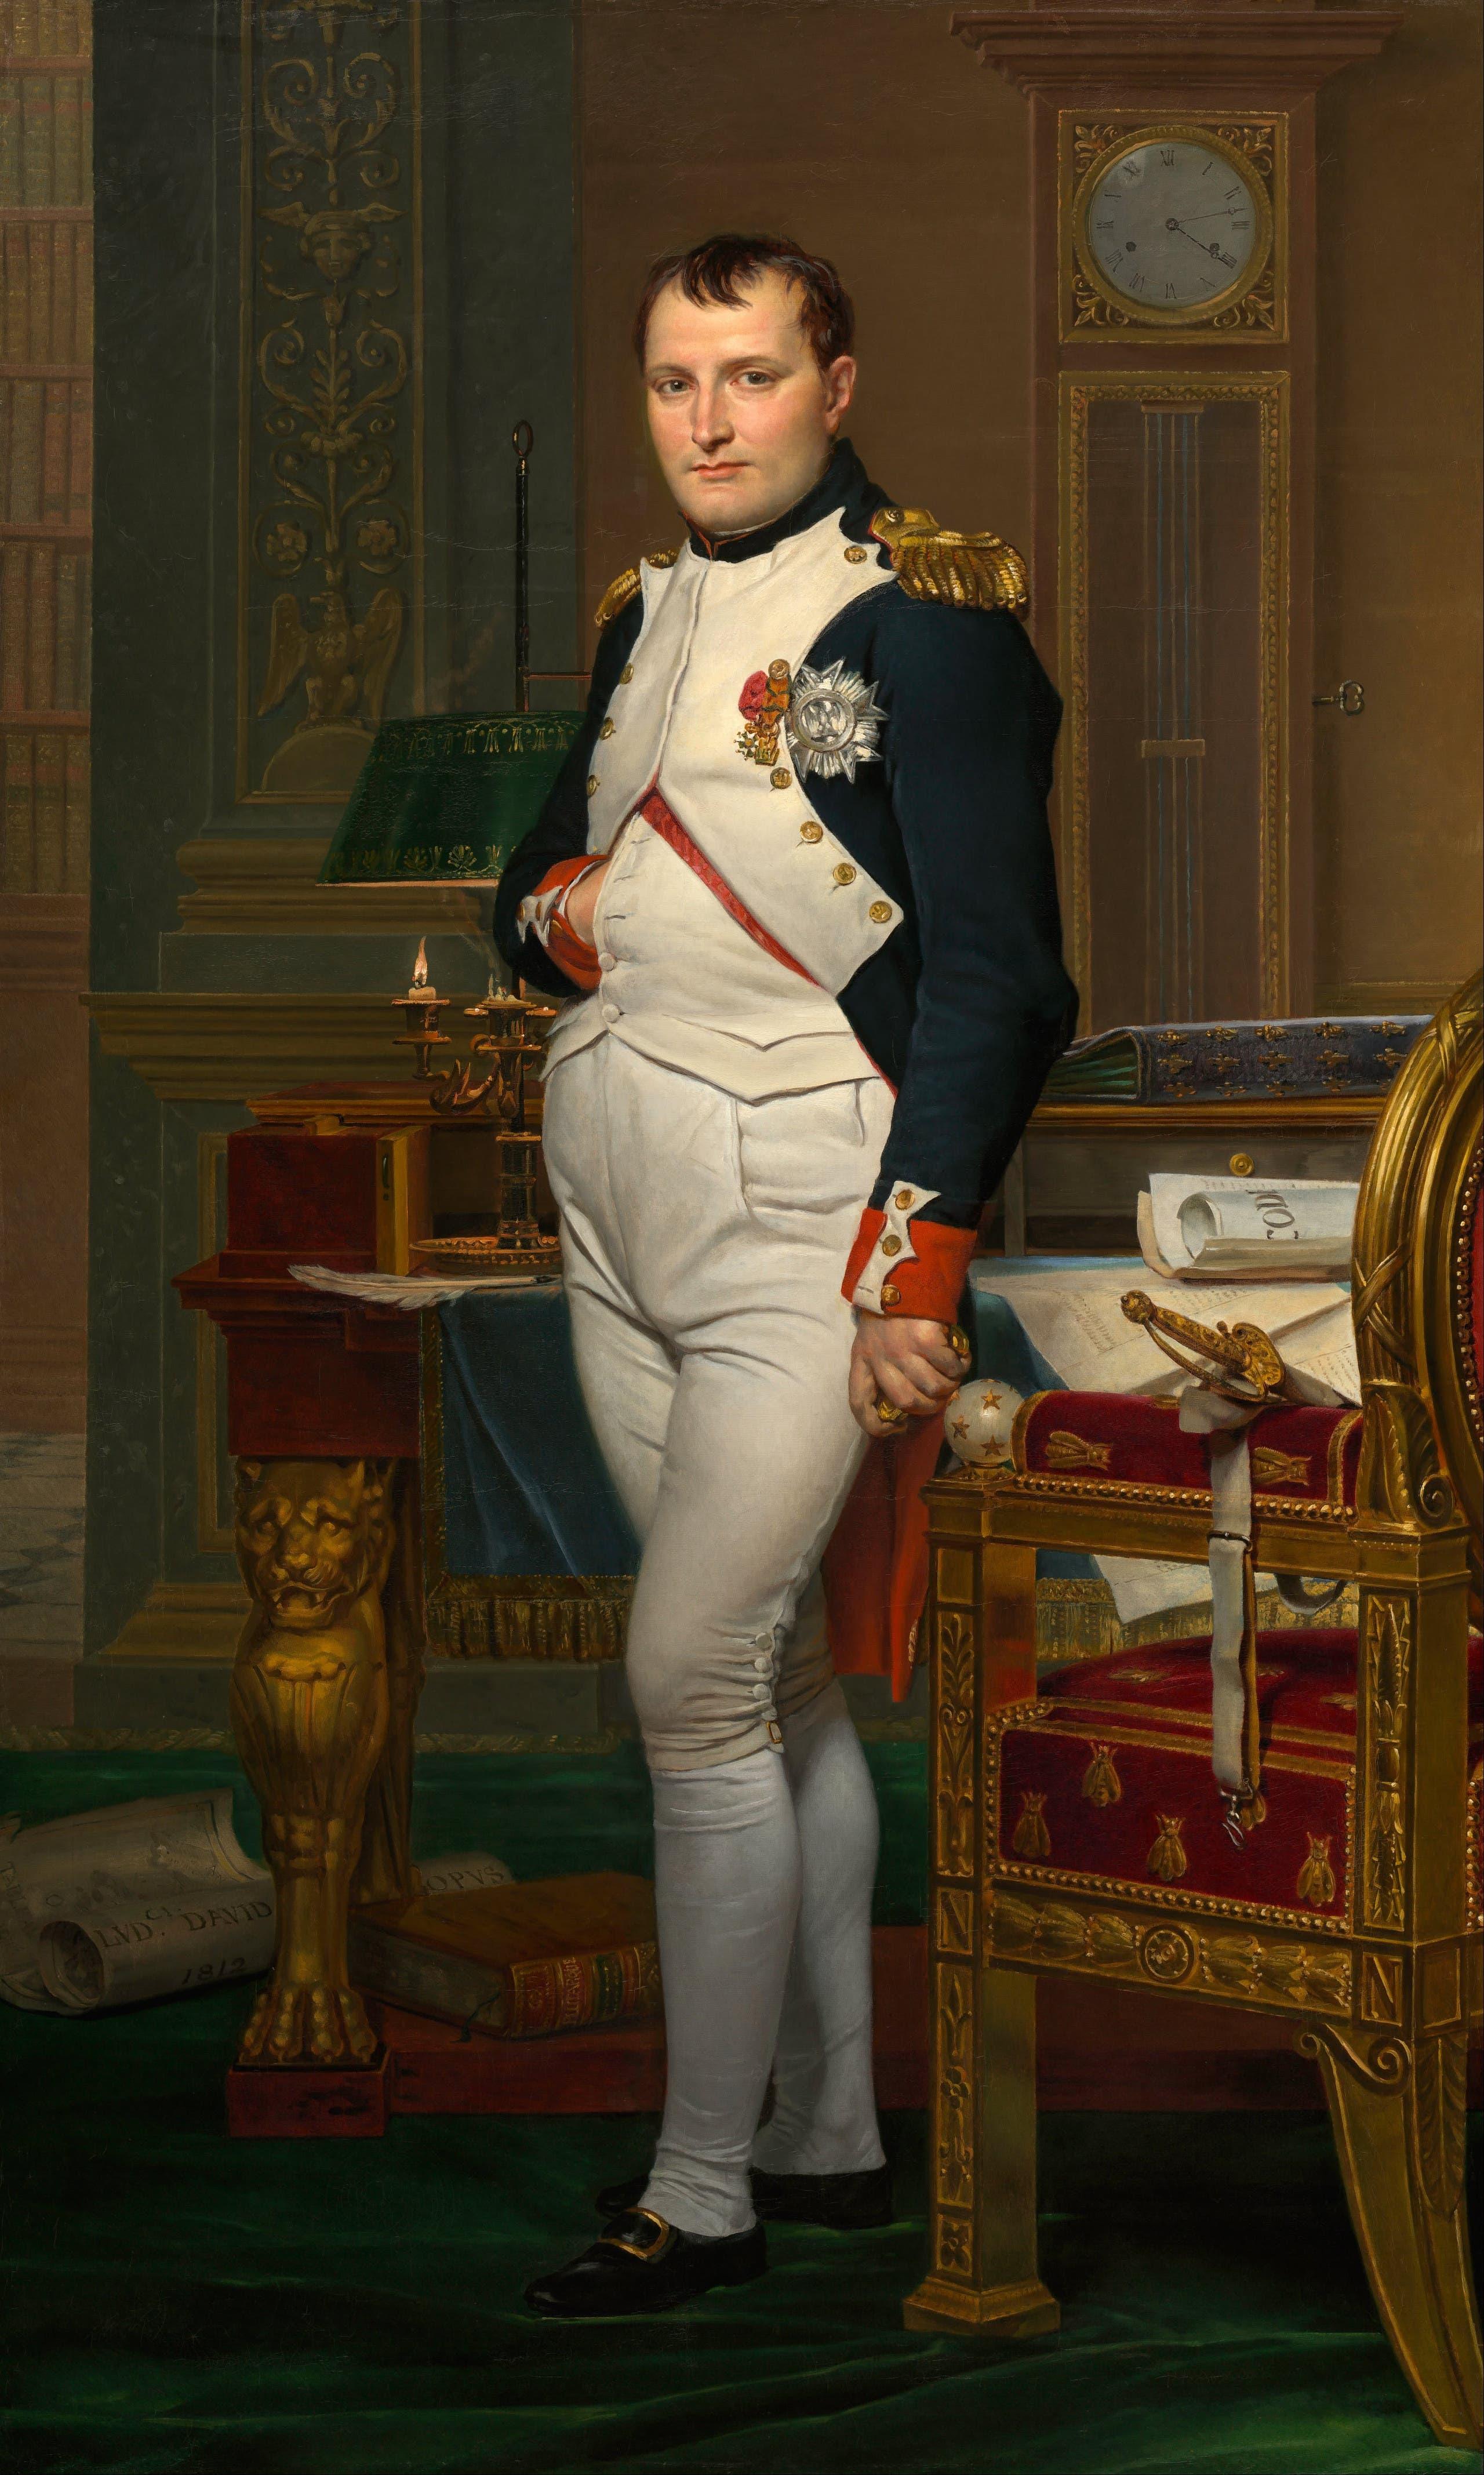 لوحة تجسد نابليون بونابرت